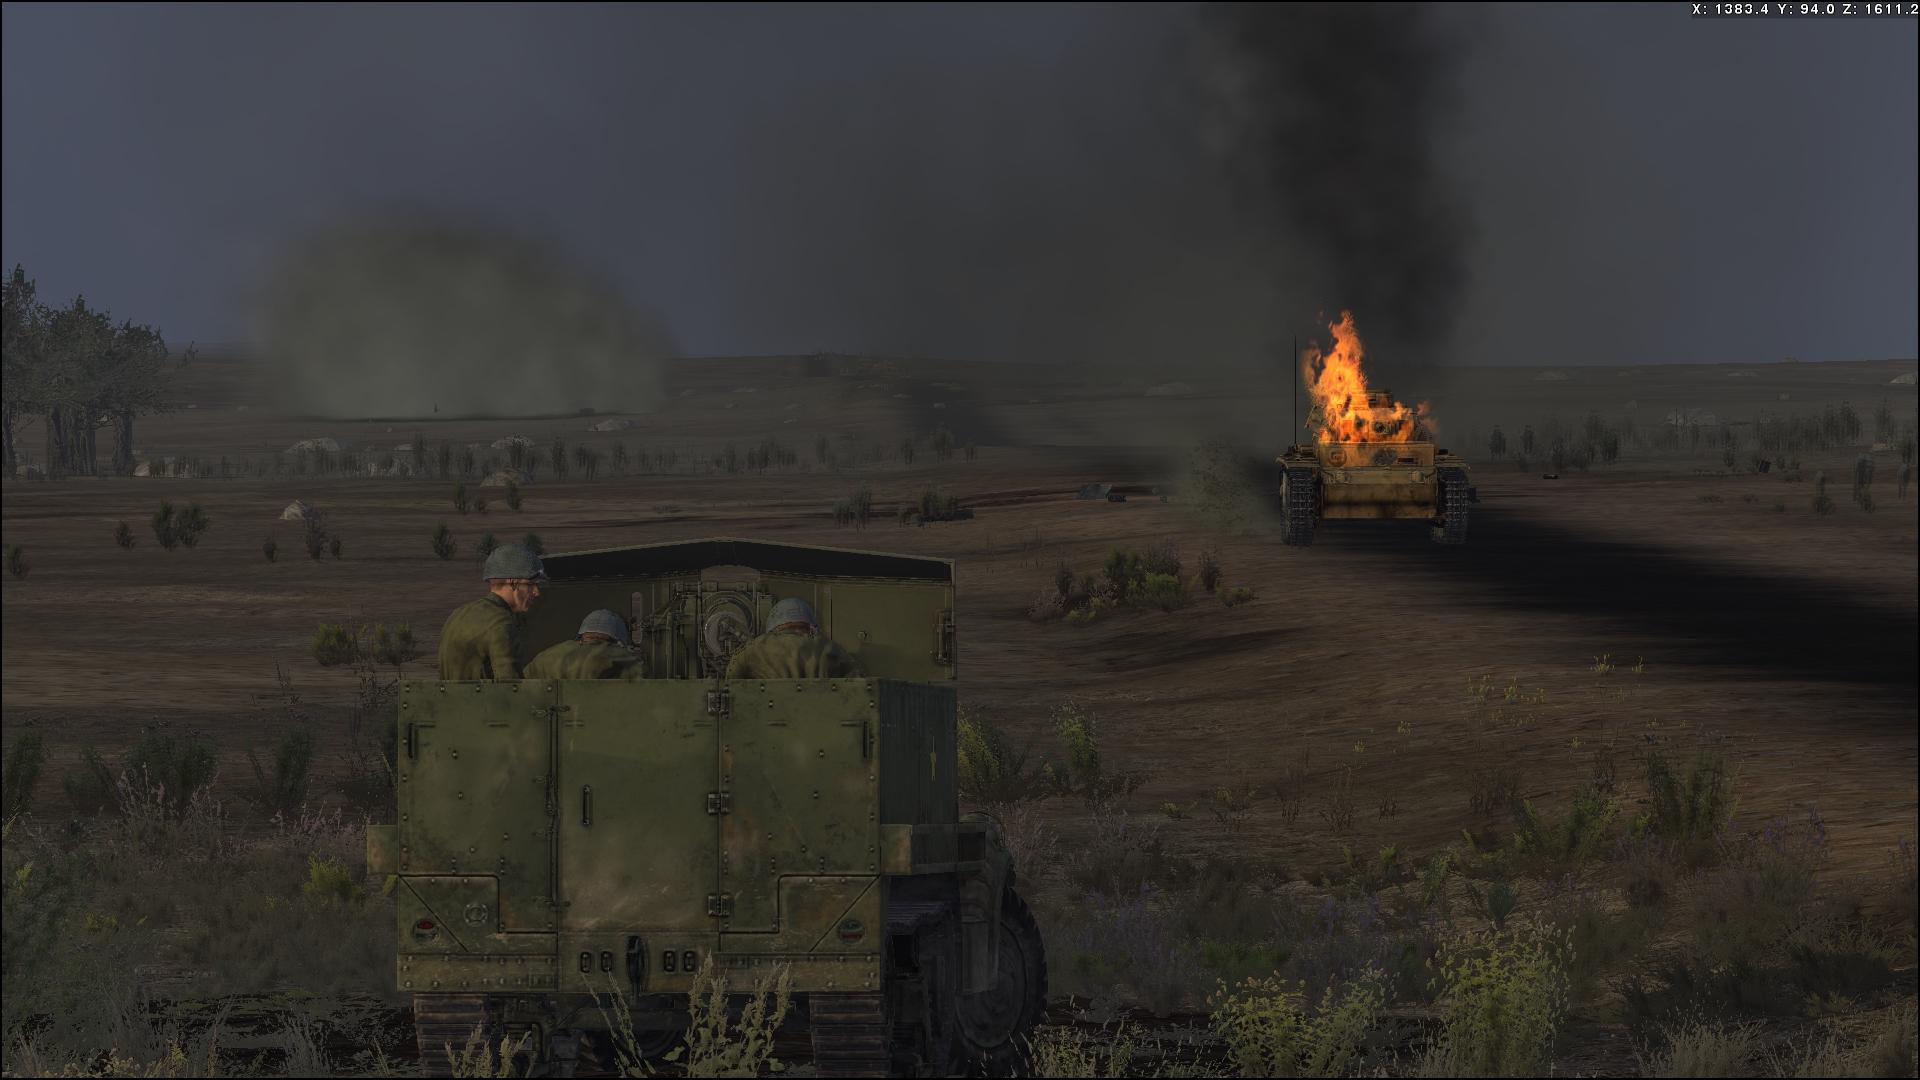 二战坦克游戏大全_坦克大战:突尼斯1943_坦克大战:突尼斯1943中文版下载_坦克大战 ...